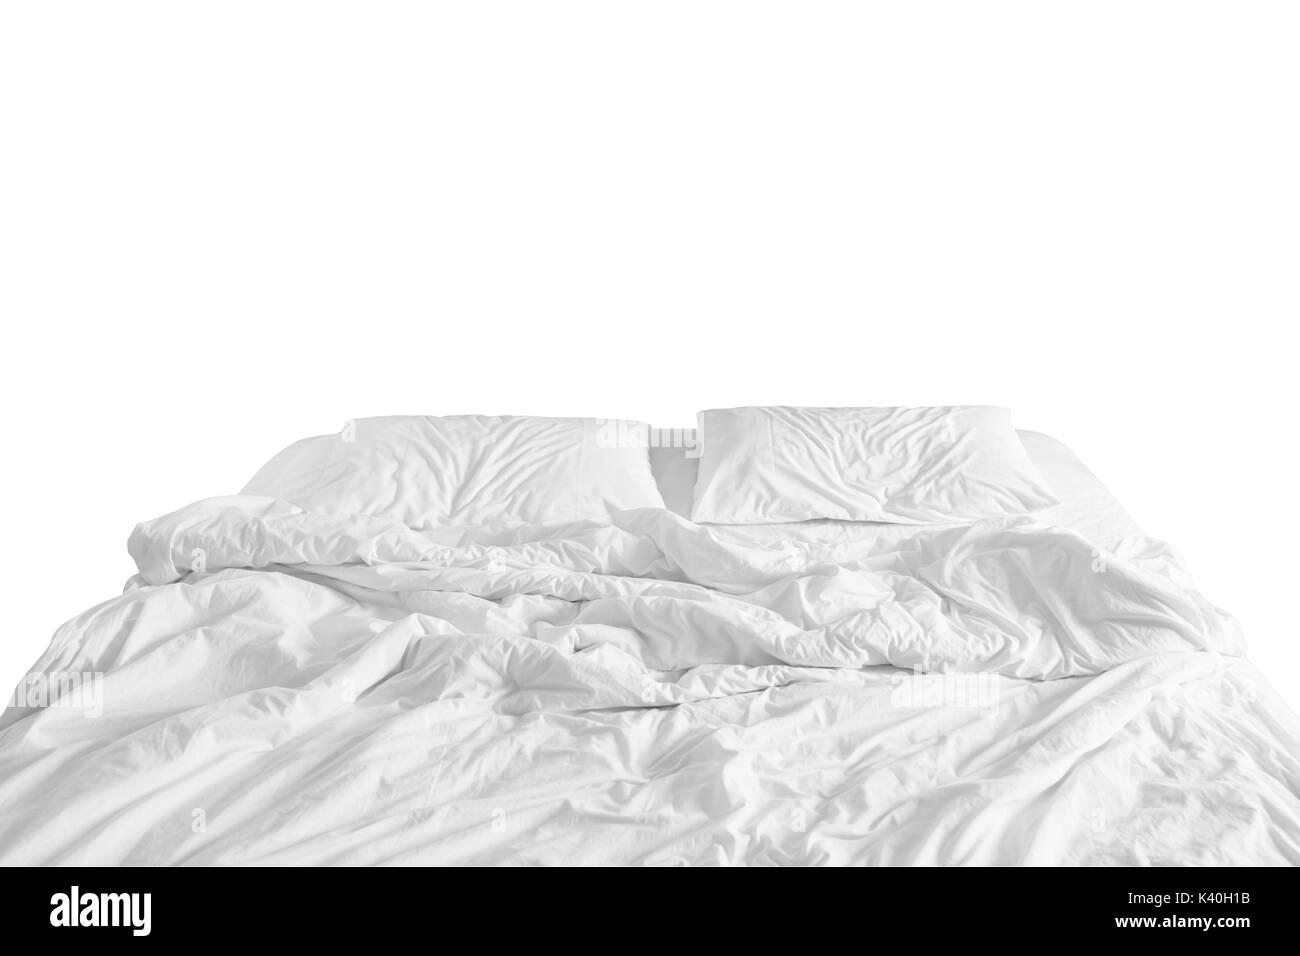 bettdecken falten yu an einfache quilt bett futter anti falten allergiker geeignet bettdecke. Black Bedroom Furniture Sets. Home Design Ideas